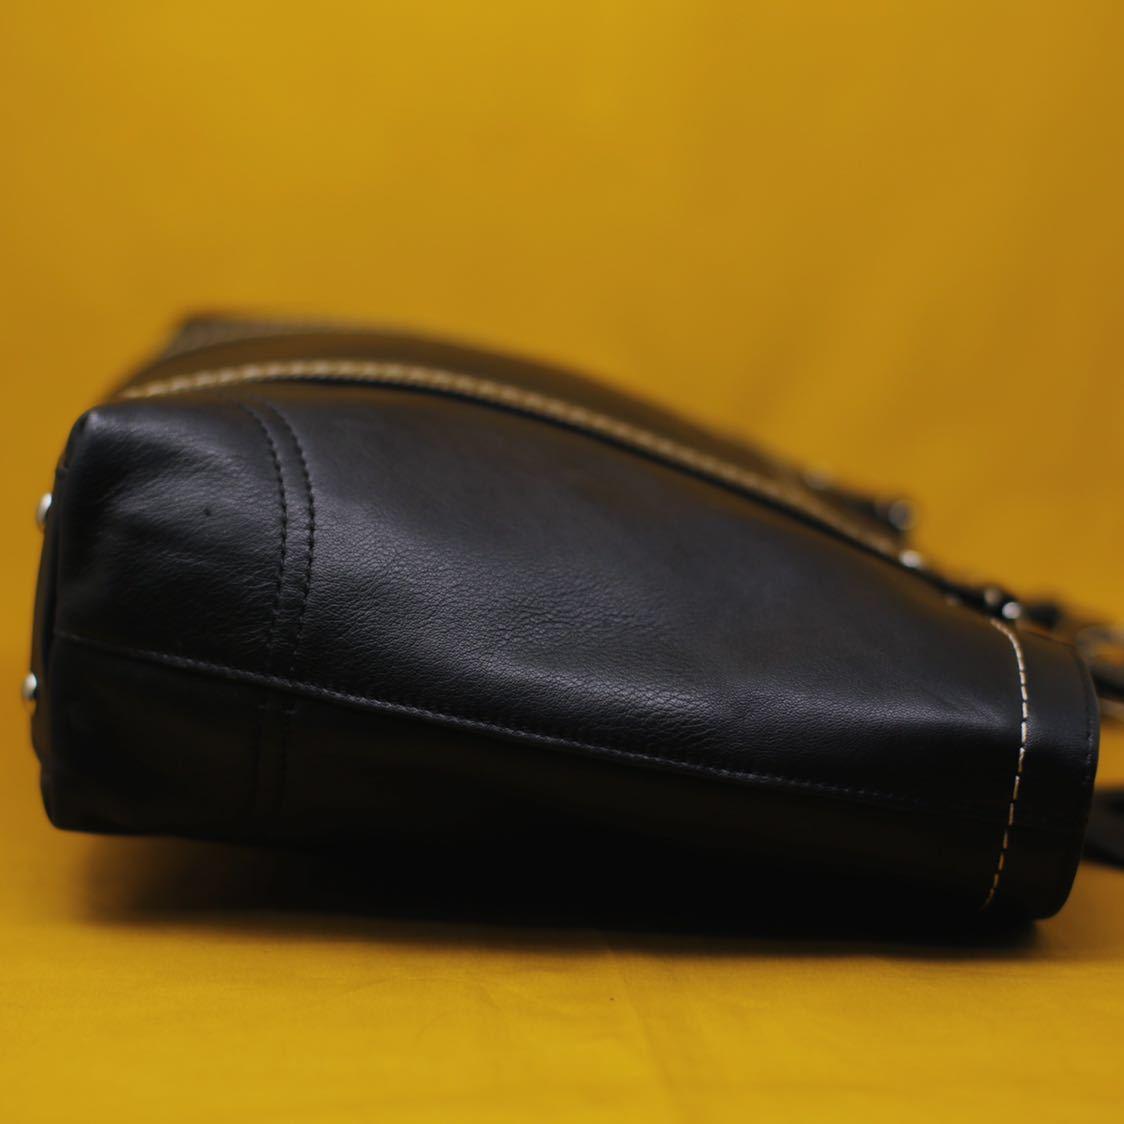 未使用品 美品 コーチ COACH トートバッグ バッグ ビジネスバッグ 黒 ブラック レザー メンズバッグ 革 14万 オールドコーチ ビンテージ _画像3